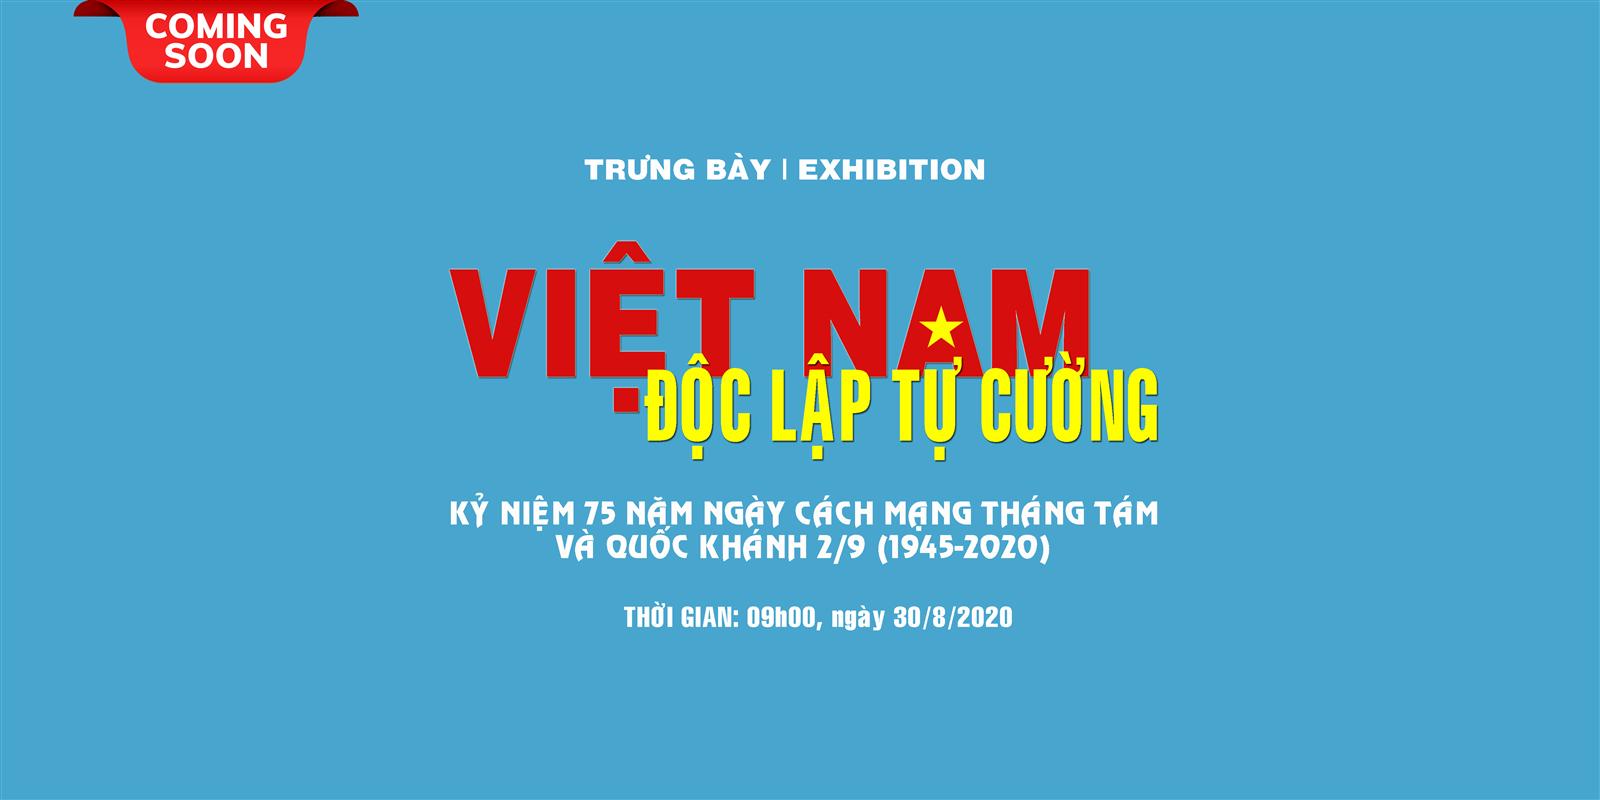 """Trưng bày chuyên đề """"Việt Nam - Độc lập, Tự cường""""- Kỷ niệm 75 năm Ngày Cách mạng Tháng Tám và Quốc khánh 2/9 (1945-2020)"""